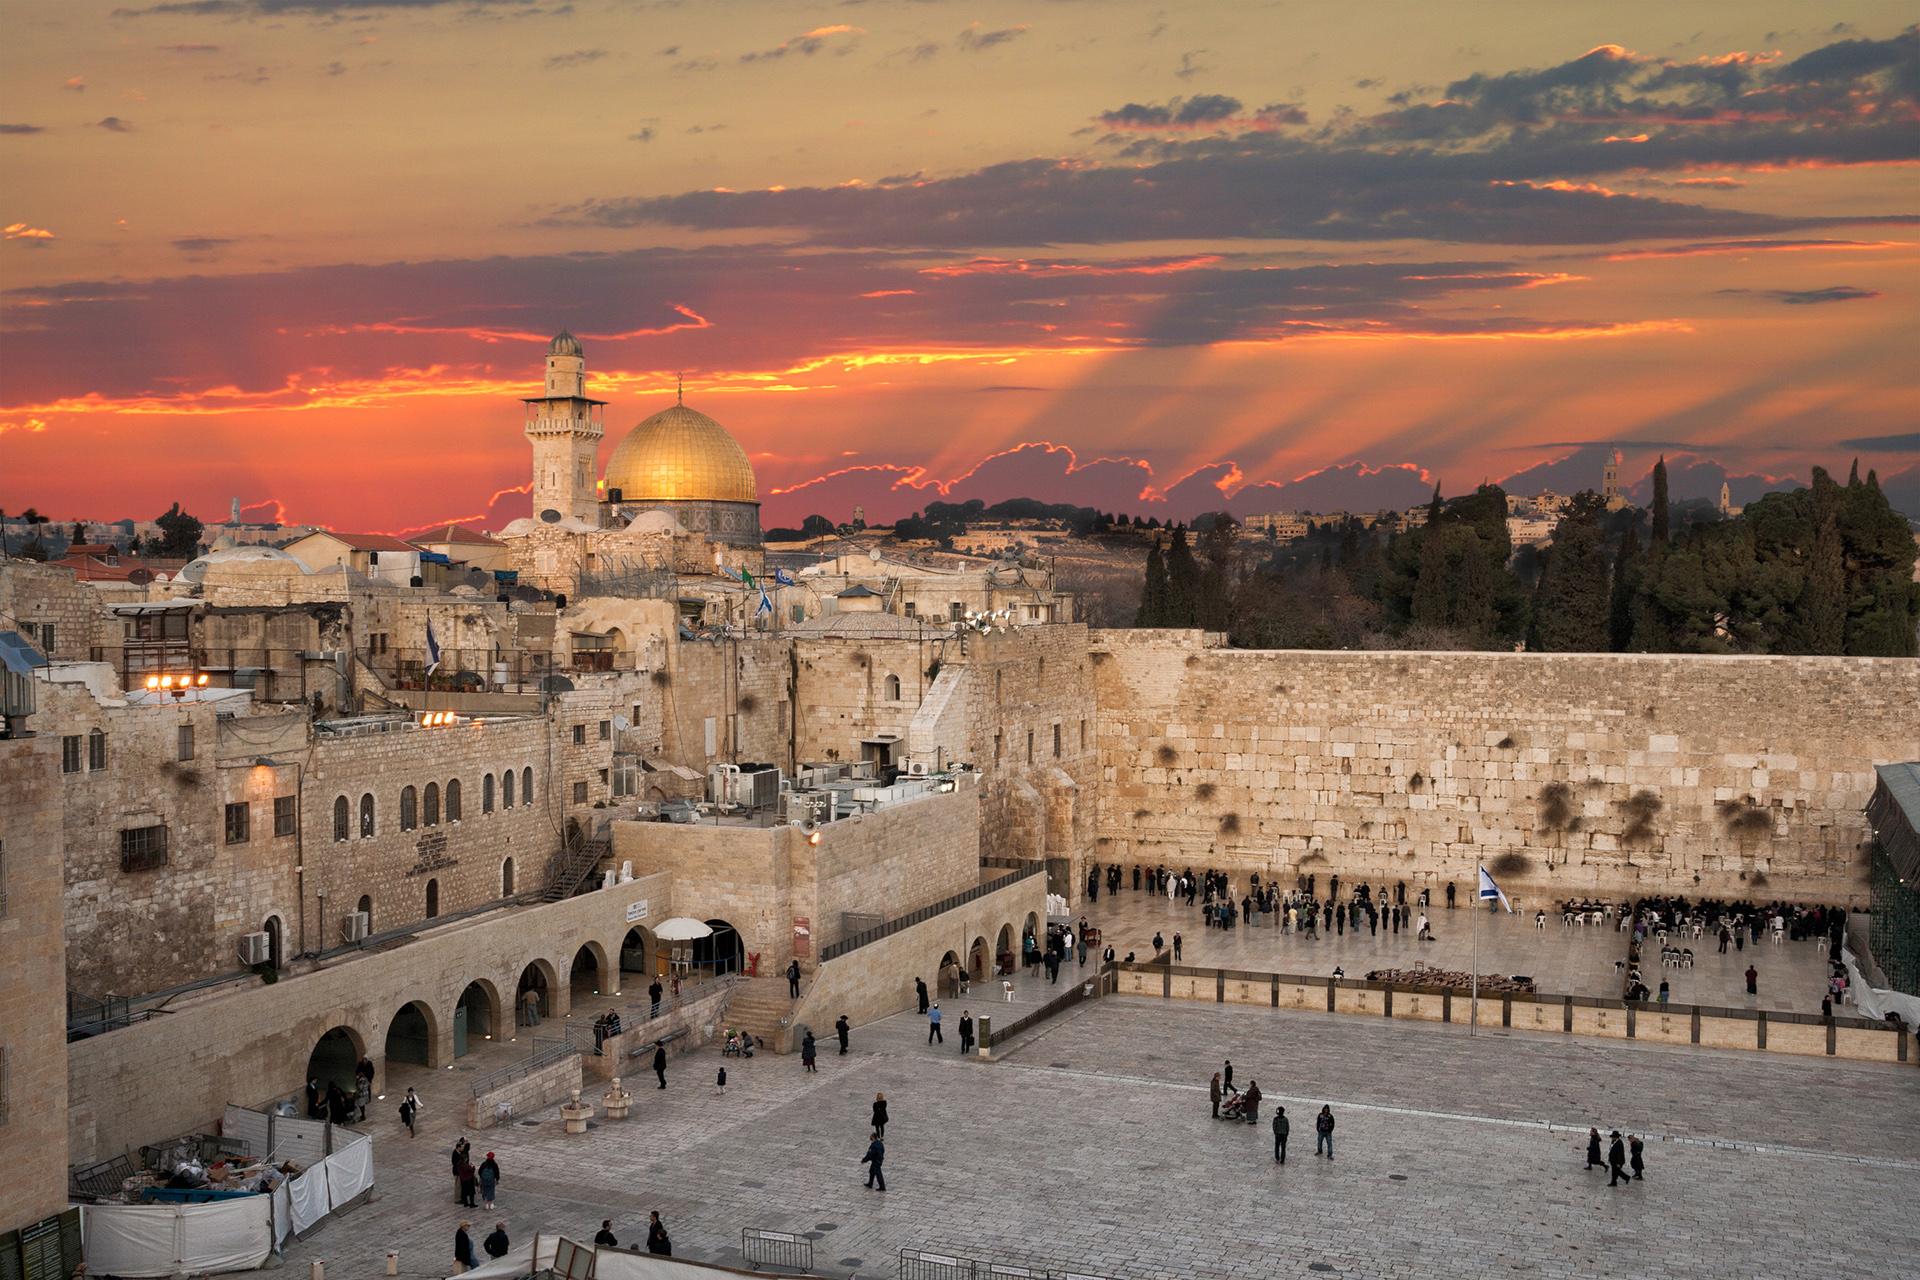 Jerusalén es una joya y no hay otra ciudad antigua como esta. El Muro de los Lamentos en el Barrio Judío, es una de las atracciones más concurridas por todos los turistas, seguida por a Iglesia del Santo Sepulcro en el Barrio Cristiano y la Cúpula de la Roca en el Barrio Musulmán